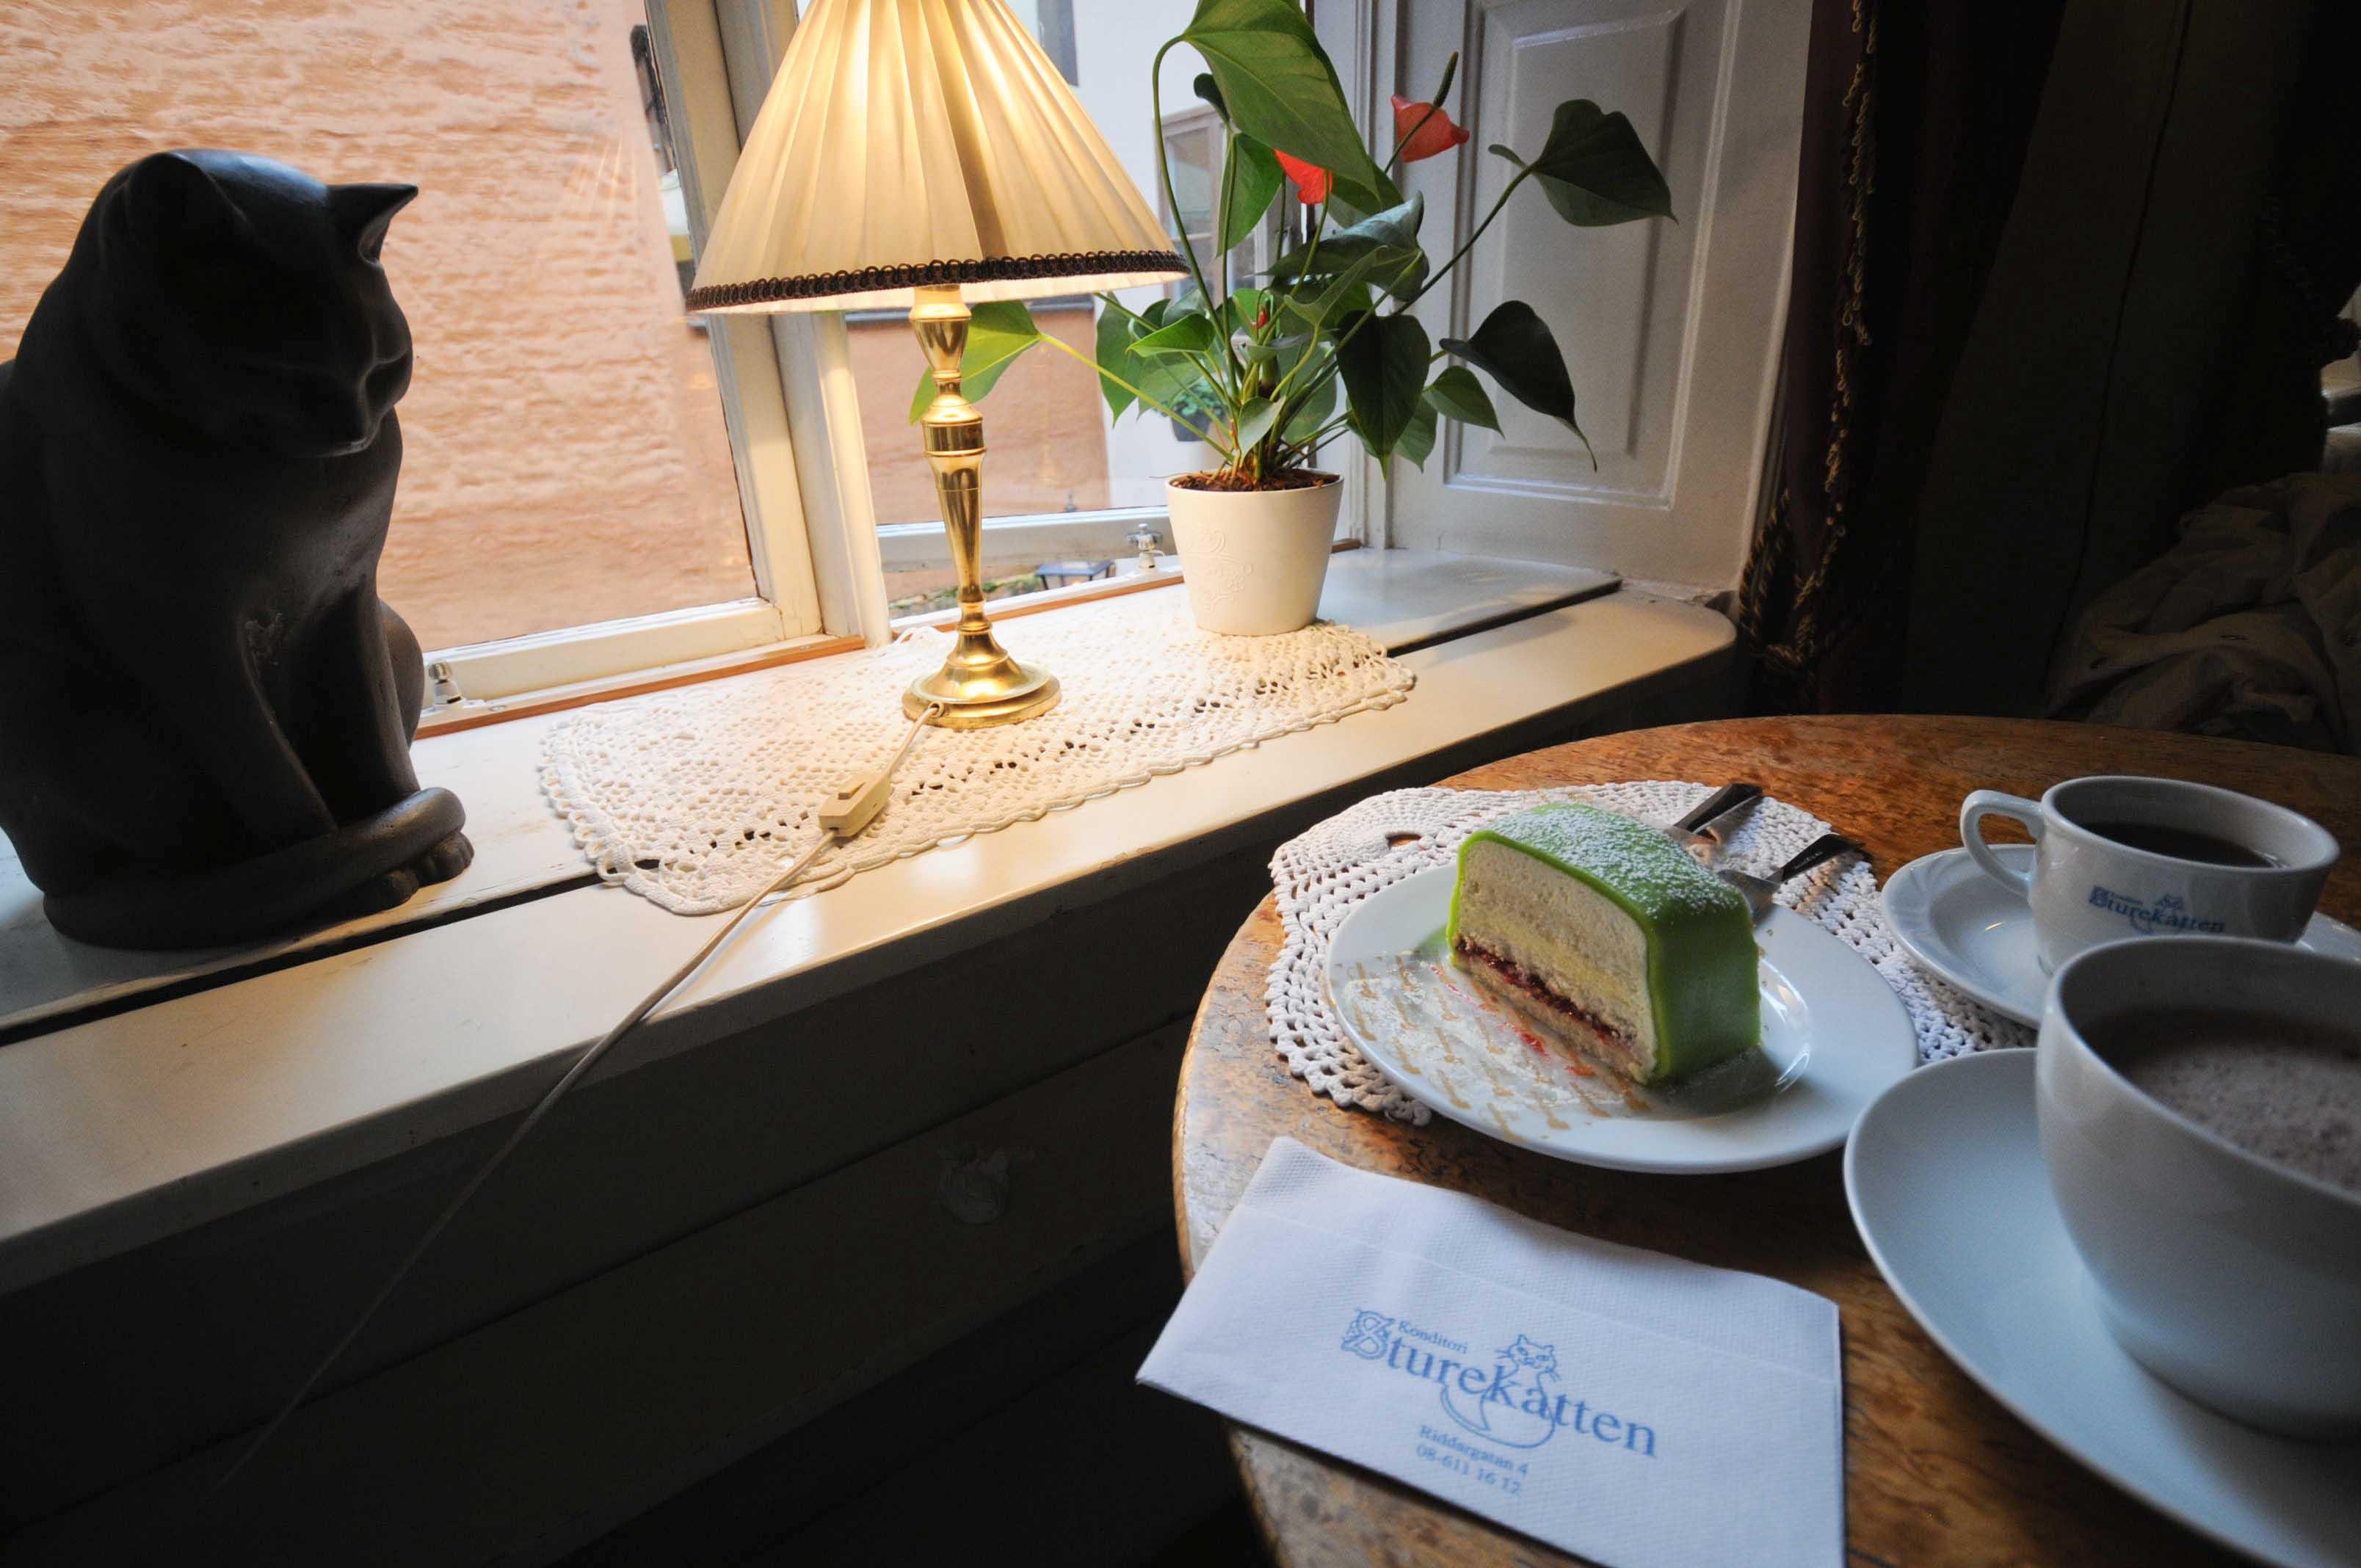 Visite de Stockholm suite: quelques adresses liées à la gastronomie